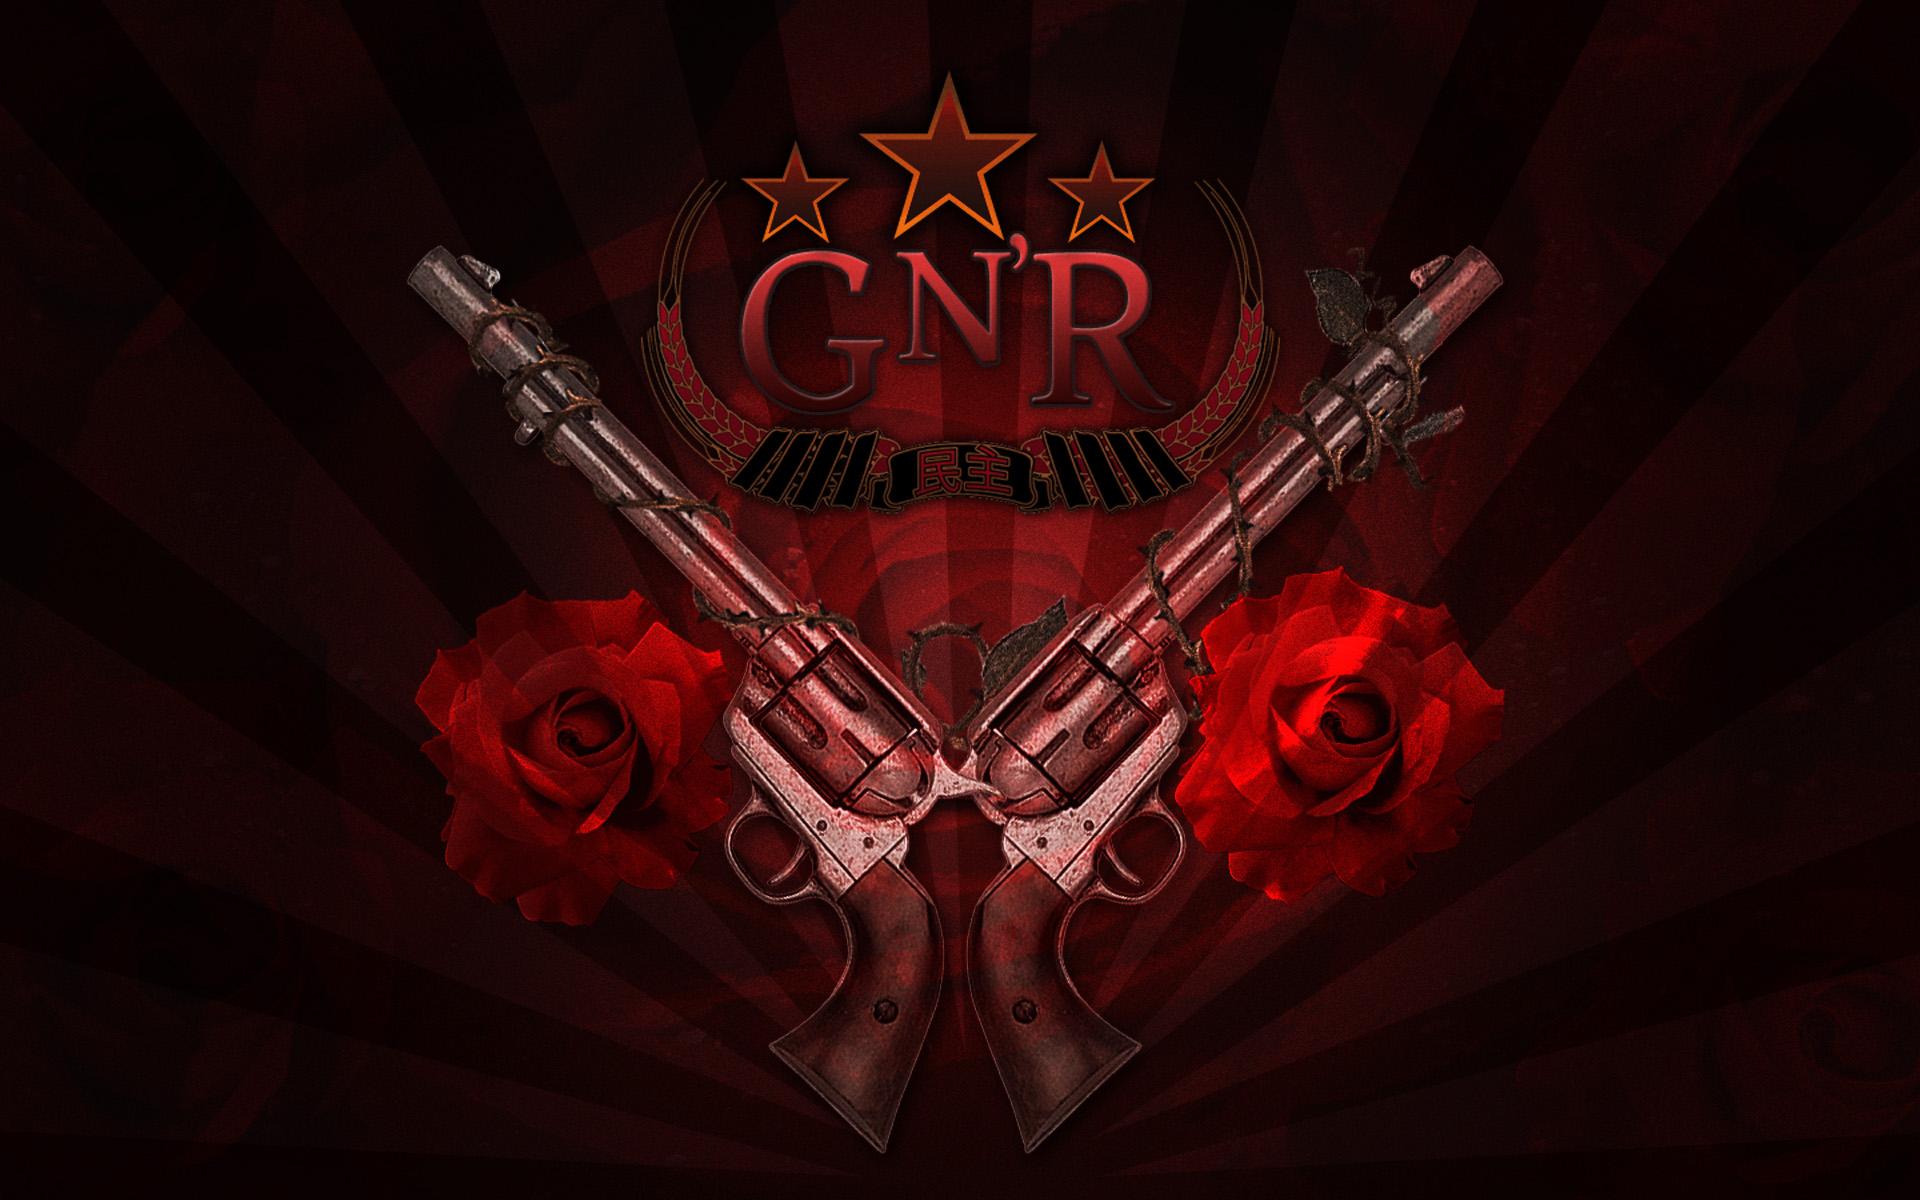 74+] Guns N Roses Wallpapers on WallpaperSafari